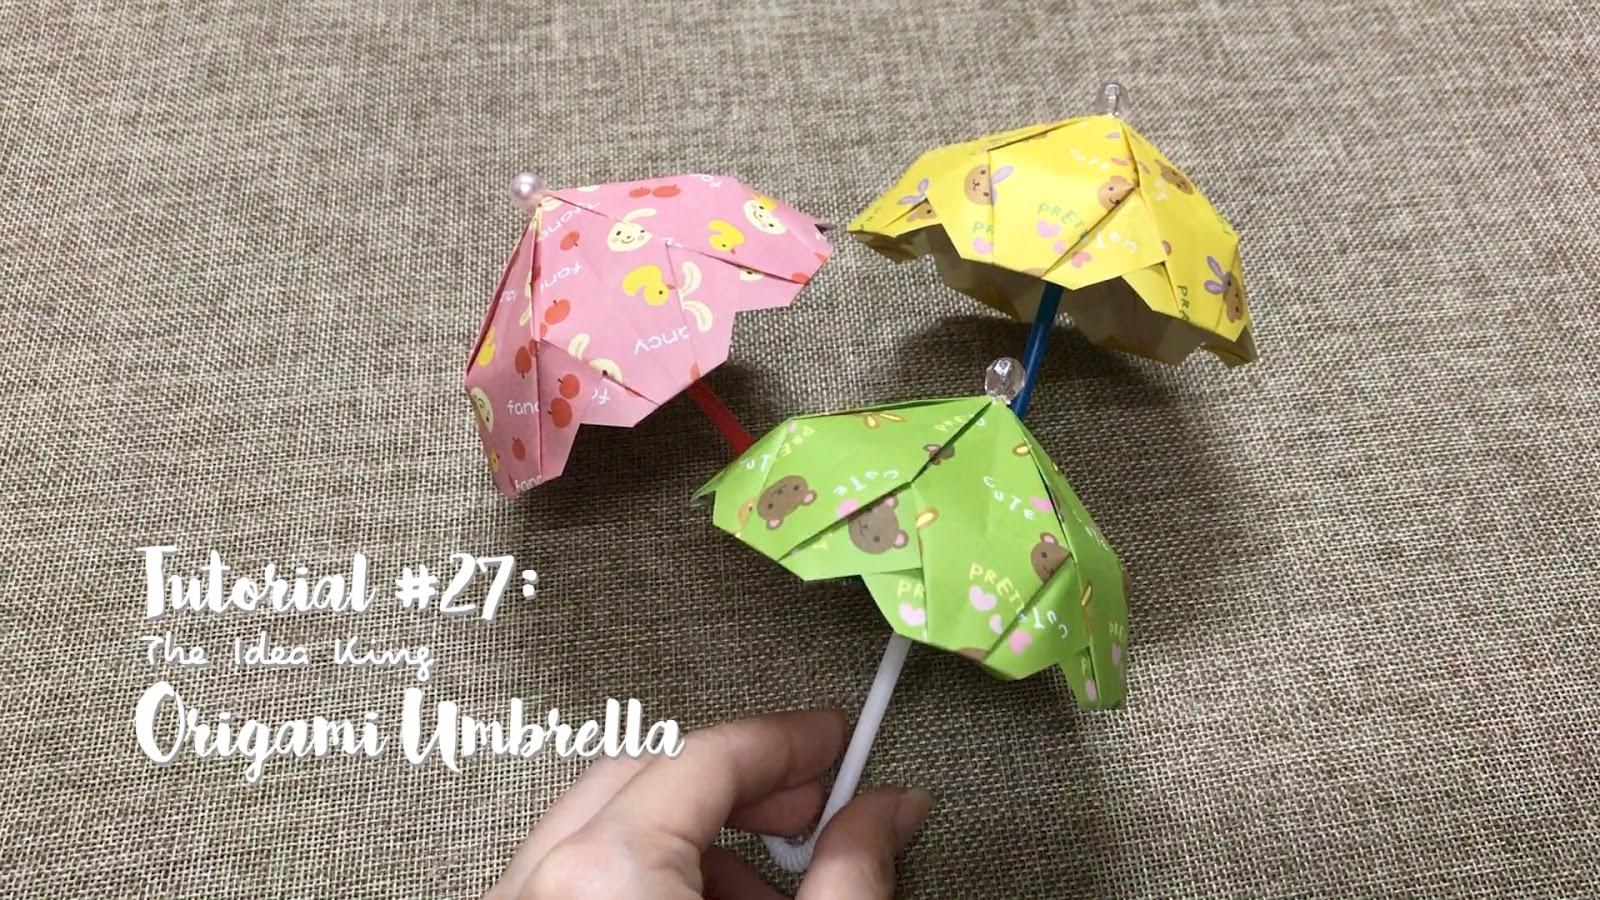 How to make a paper umbrella | Easy origami umbrellas for ... | 900x1600